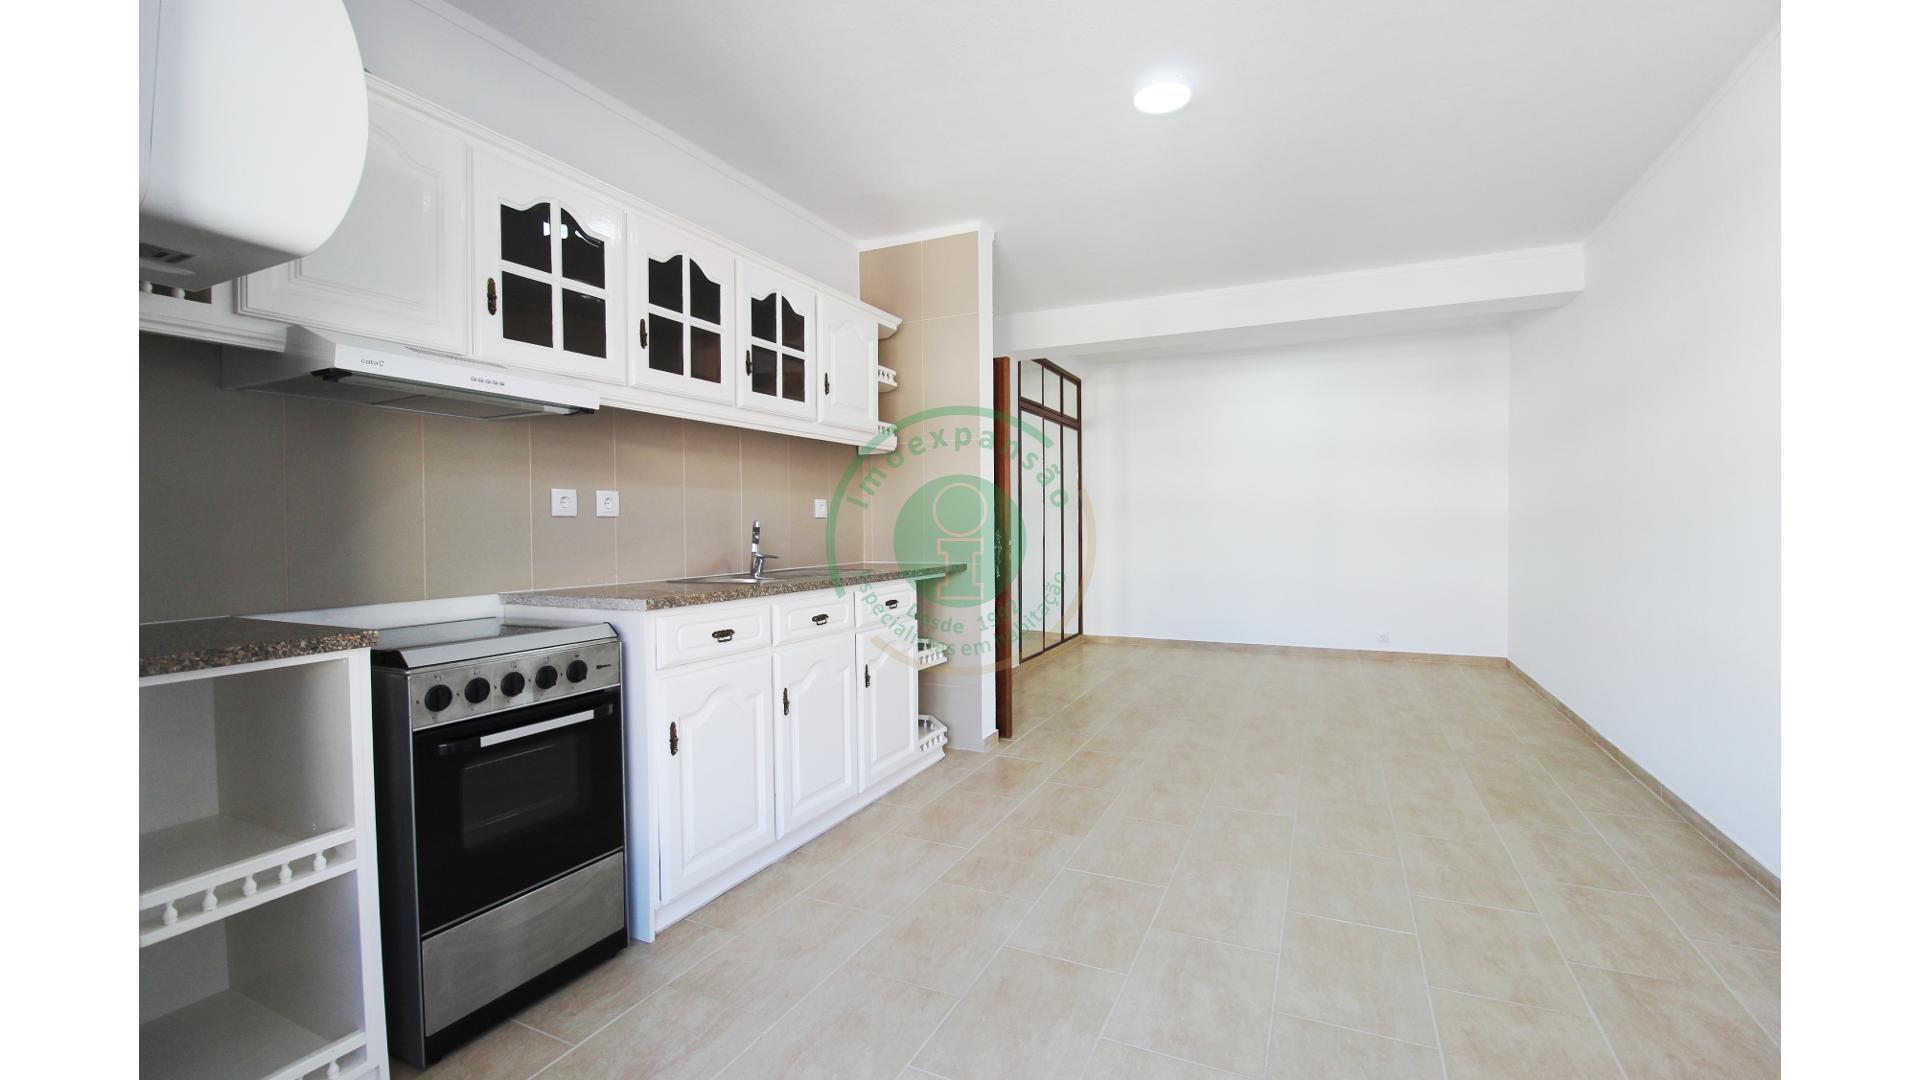 Apartamento T2 Figueira da Foz  - Figueira Da Foz, Buarcos E São Julião